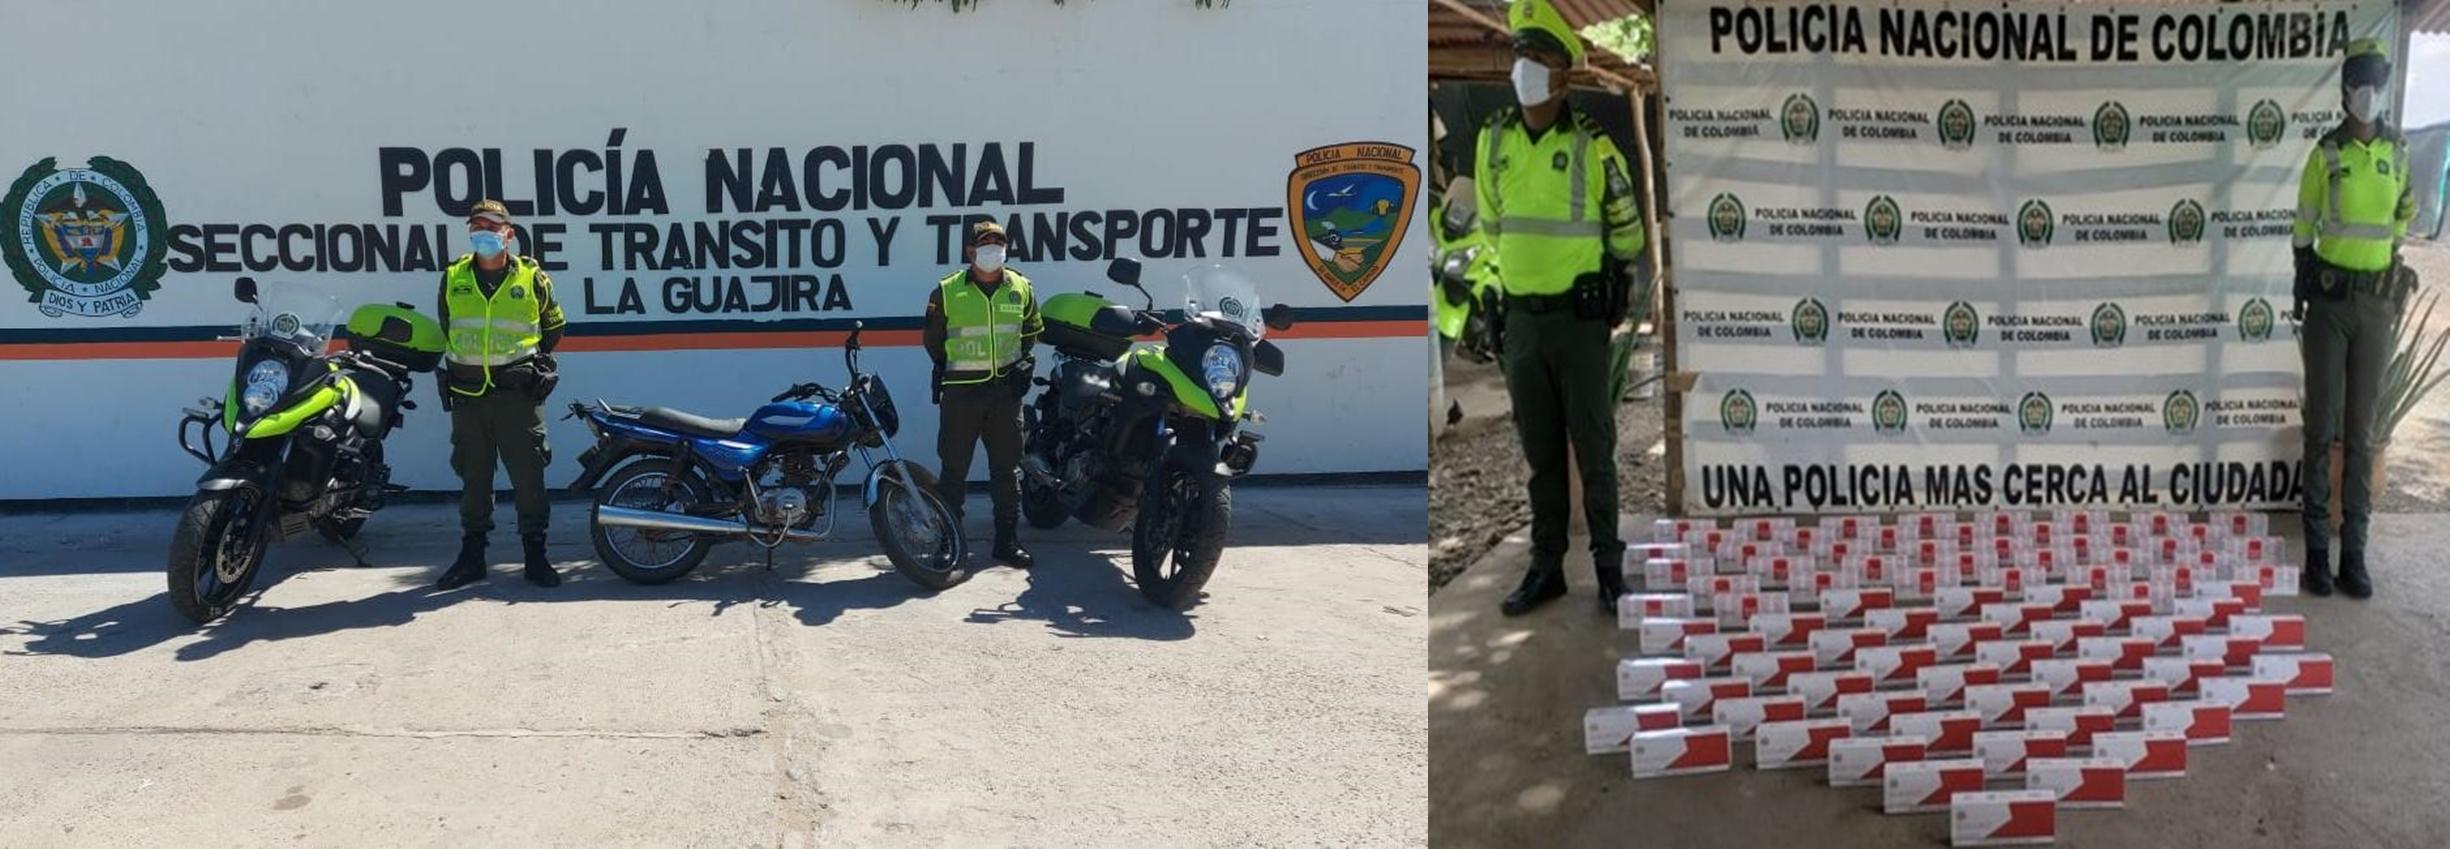 hoyennoticia.com, Dos motos recuperó la Policía e incautó cigarrillos de contrabando